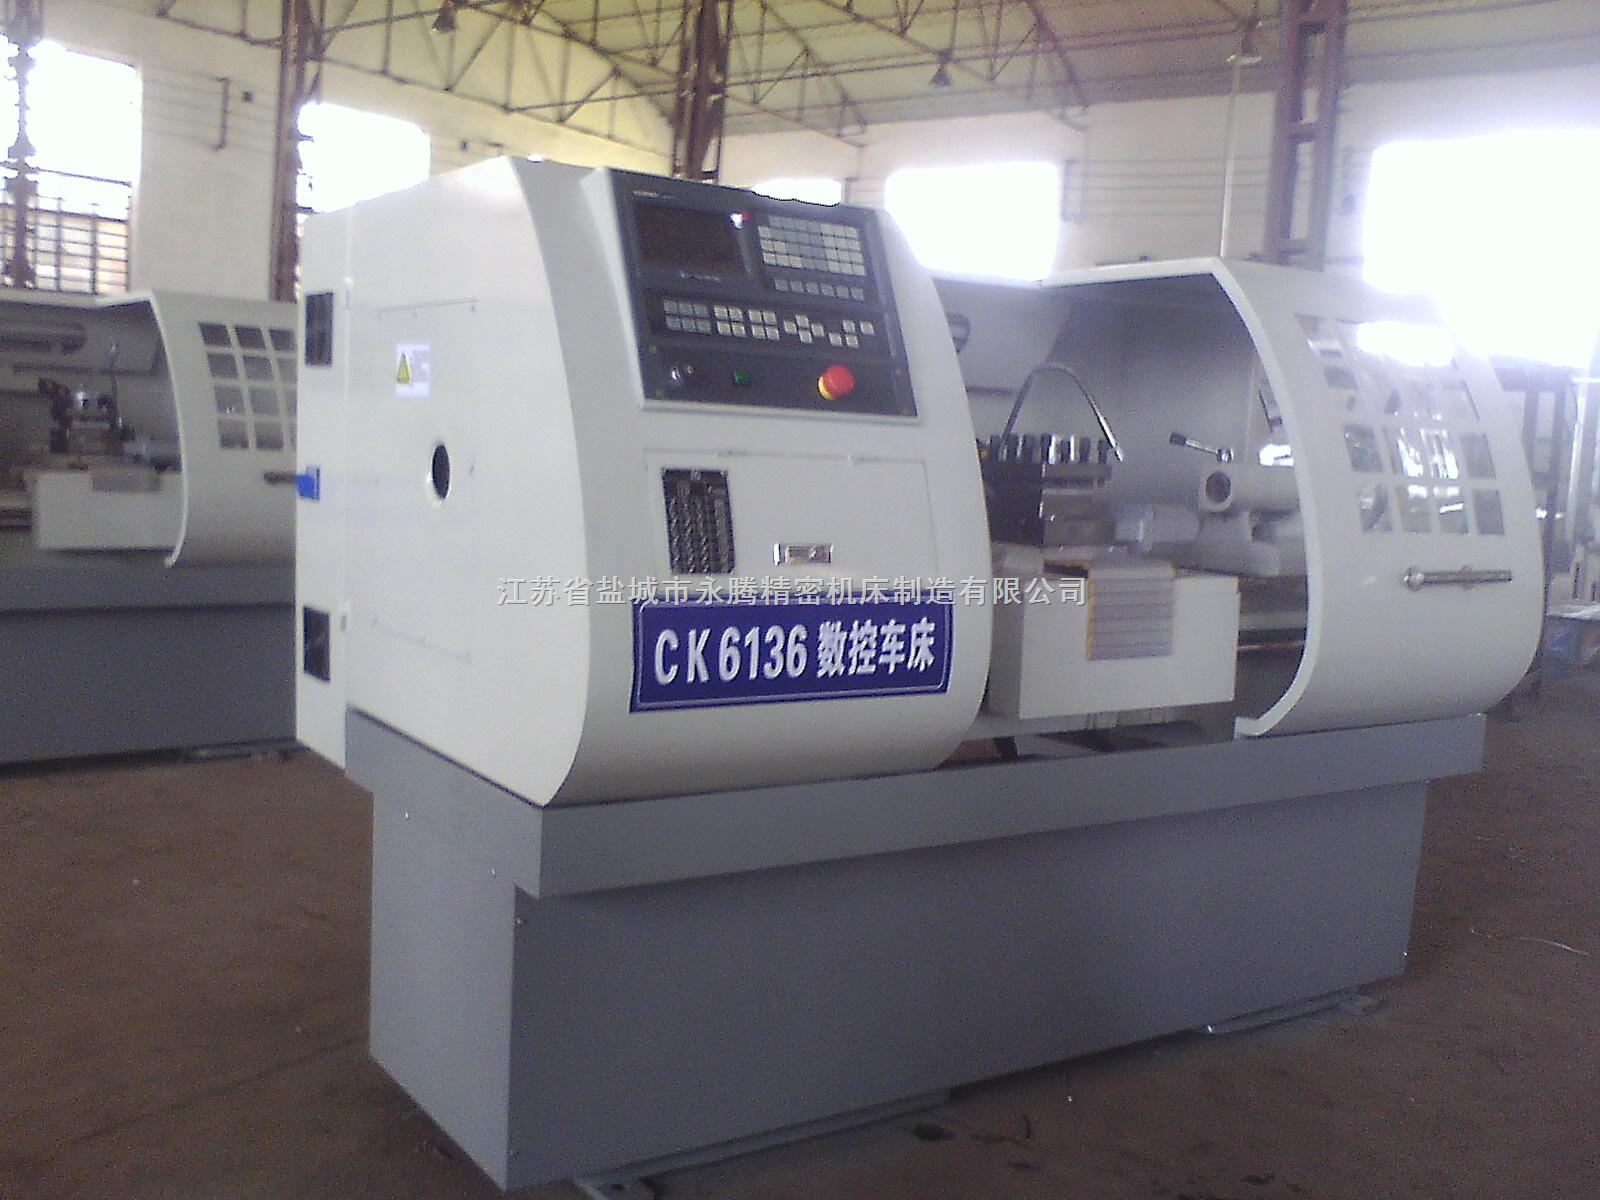 供应数控车床生产企业永腾精机cjk6136*750数控车床